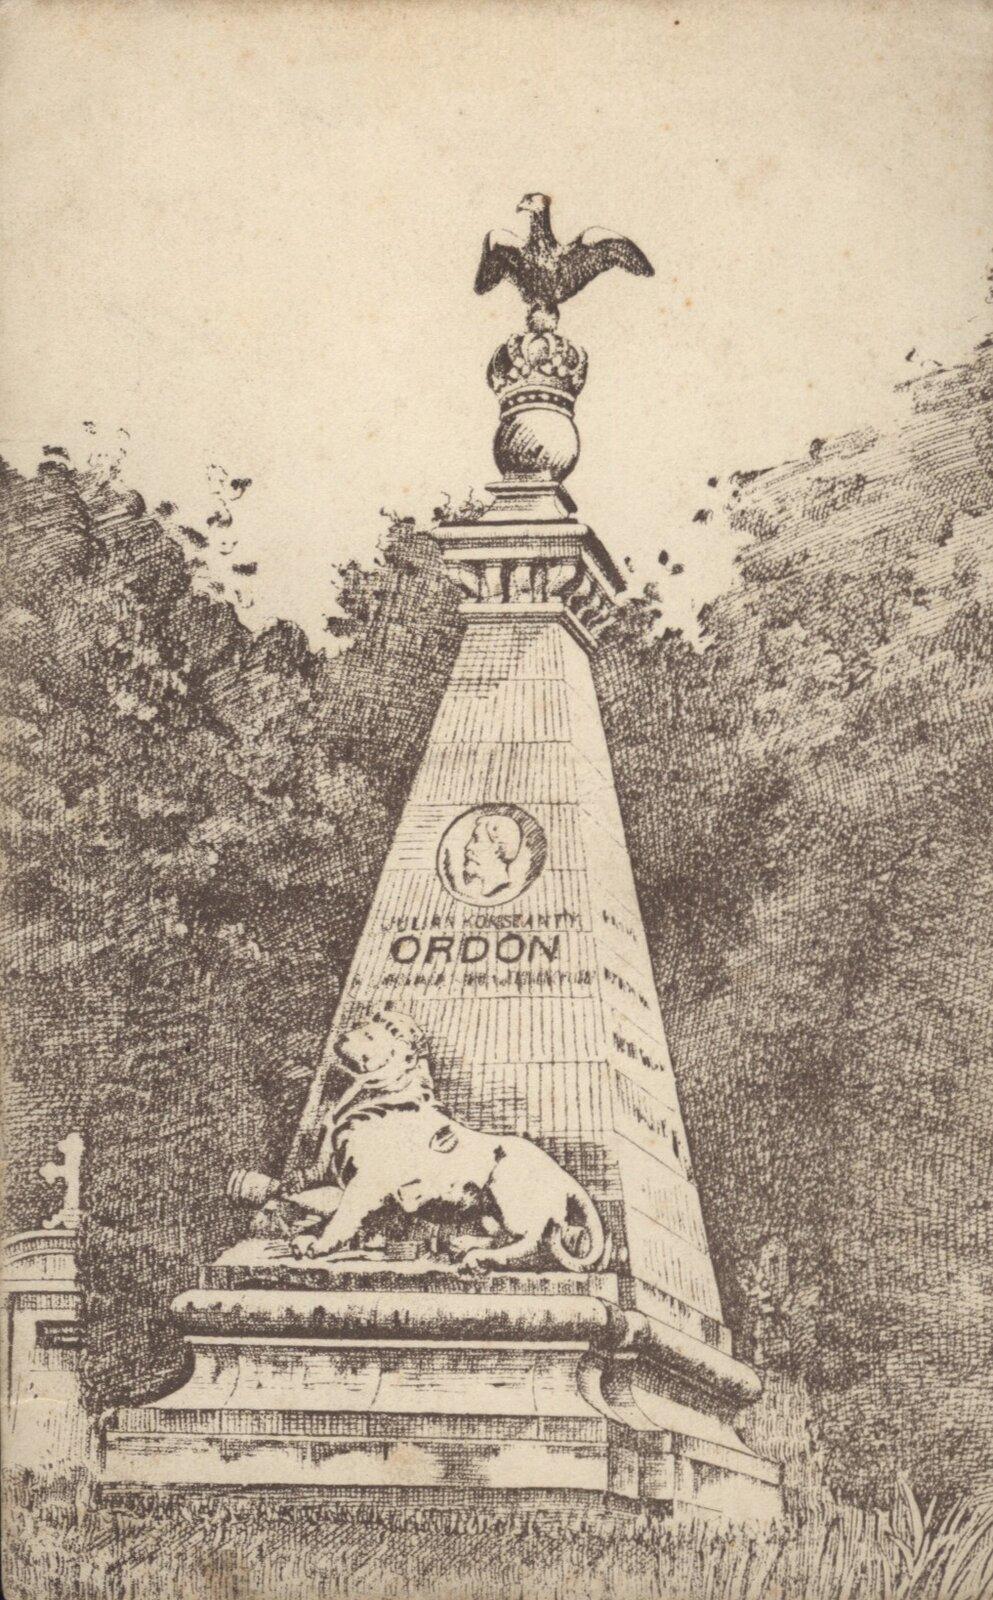 Pomnik Ordona we Lwowie Źródło: Pomnik Ordona we Lwowie, 1914–1918, pocztówka, domena publiczna.